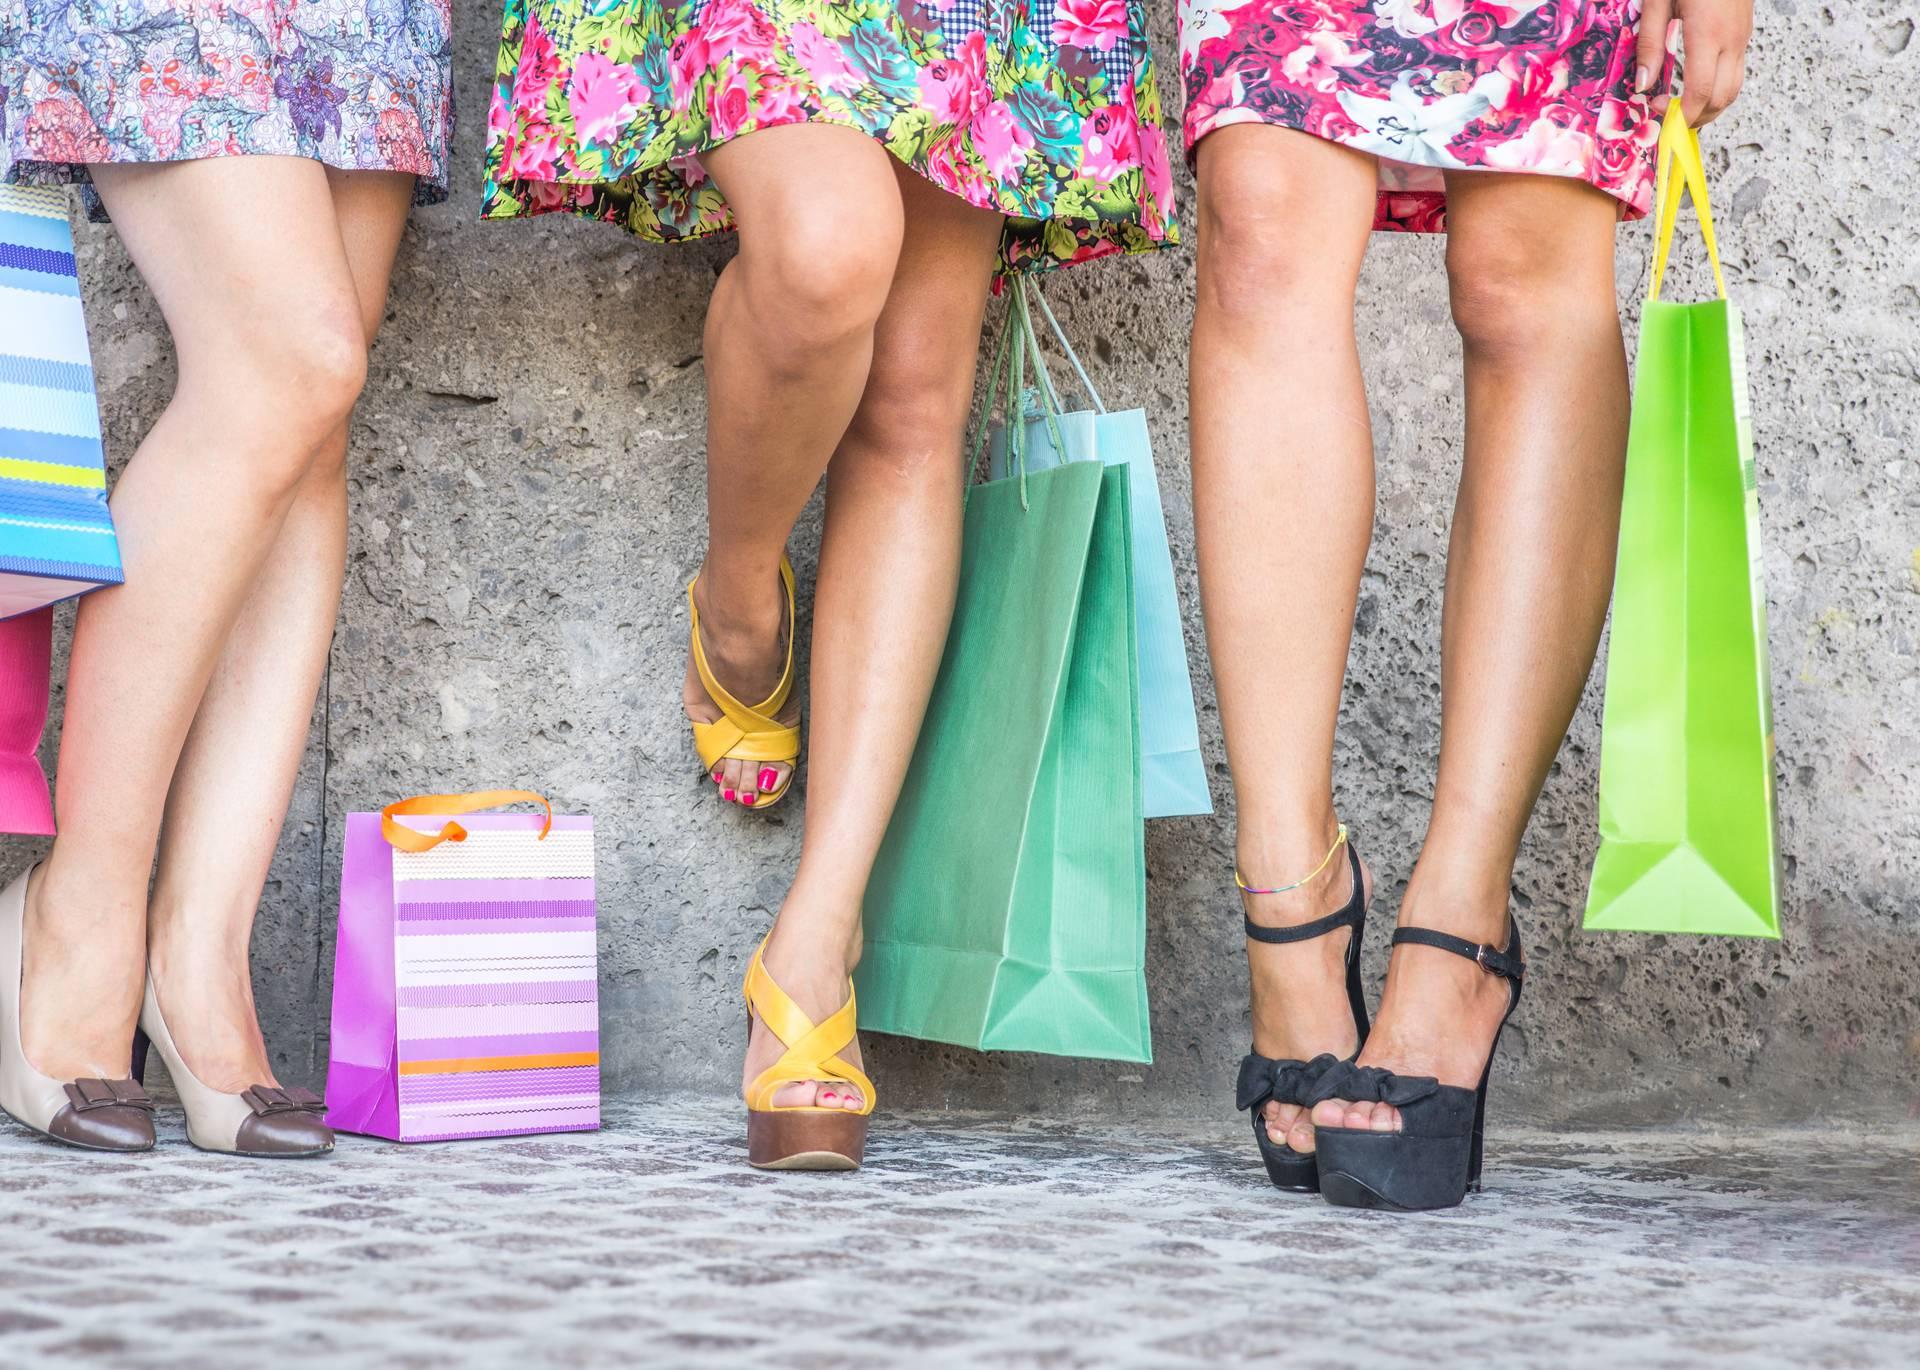 Trikovi za shopping: Isprobajte odjeću prije nego je na sniženju